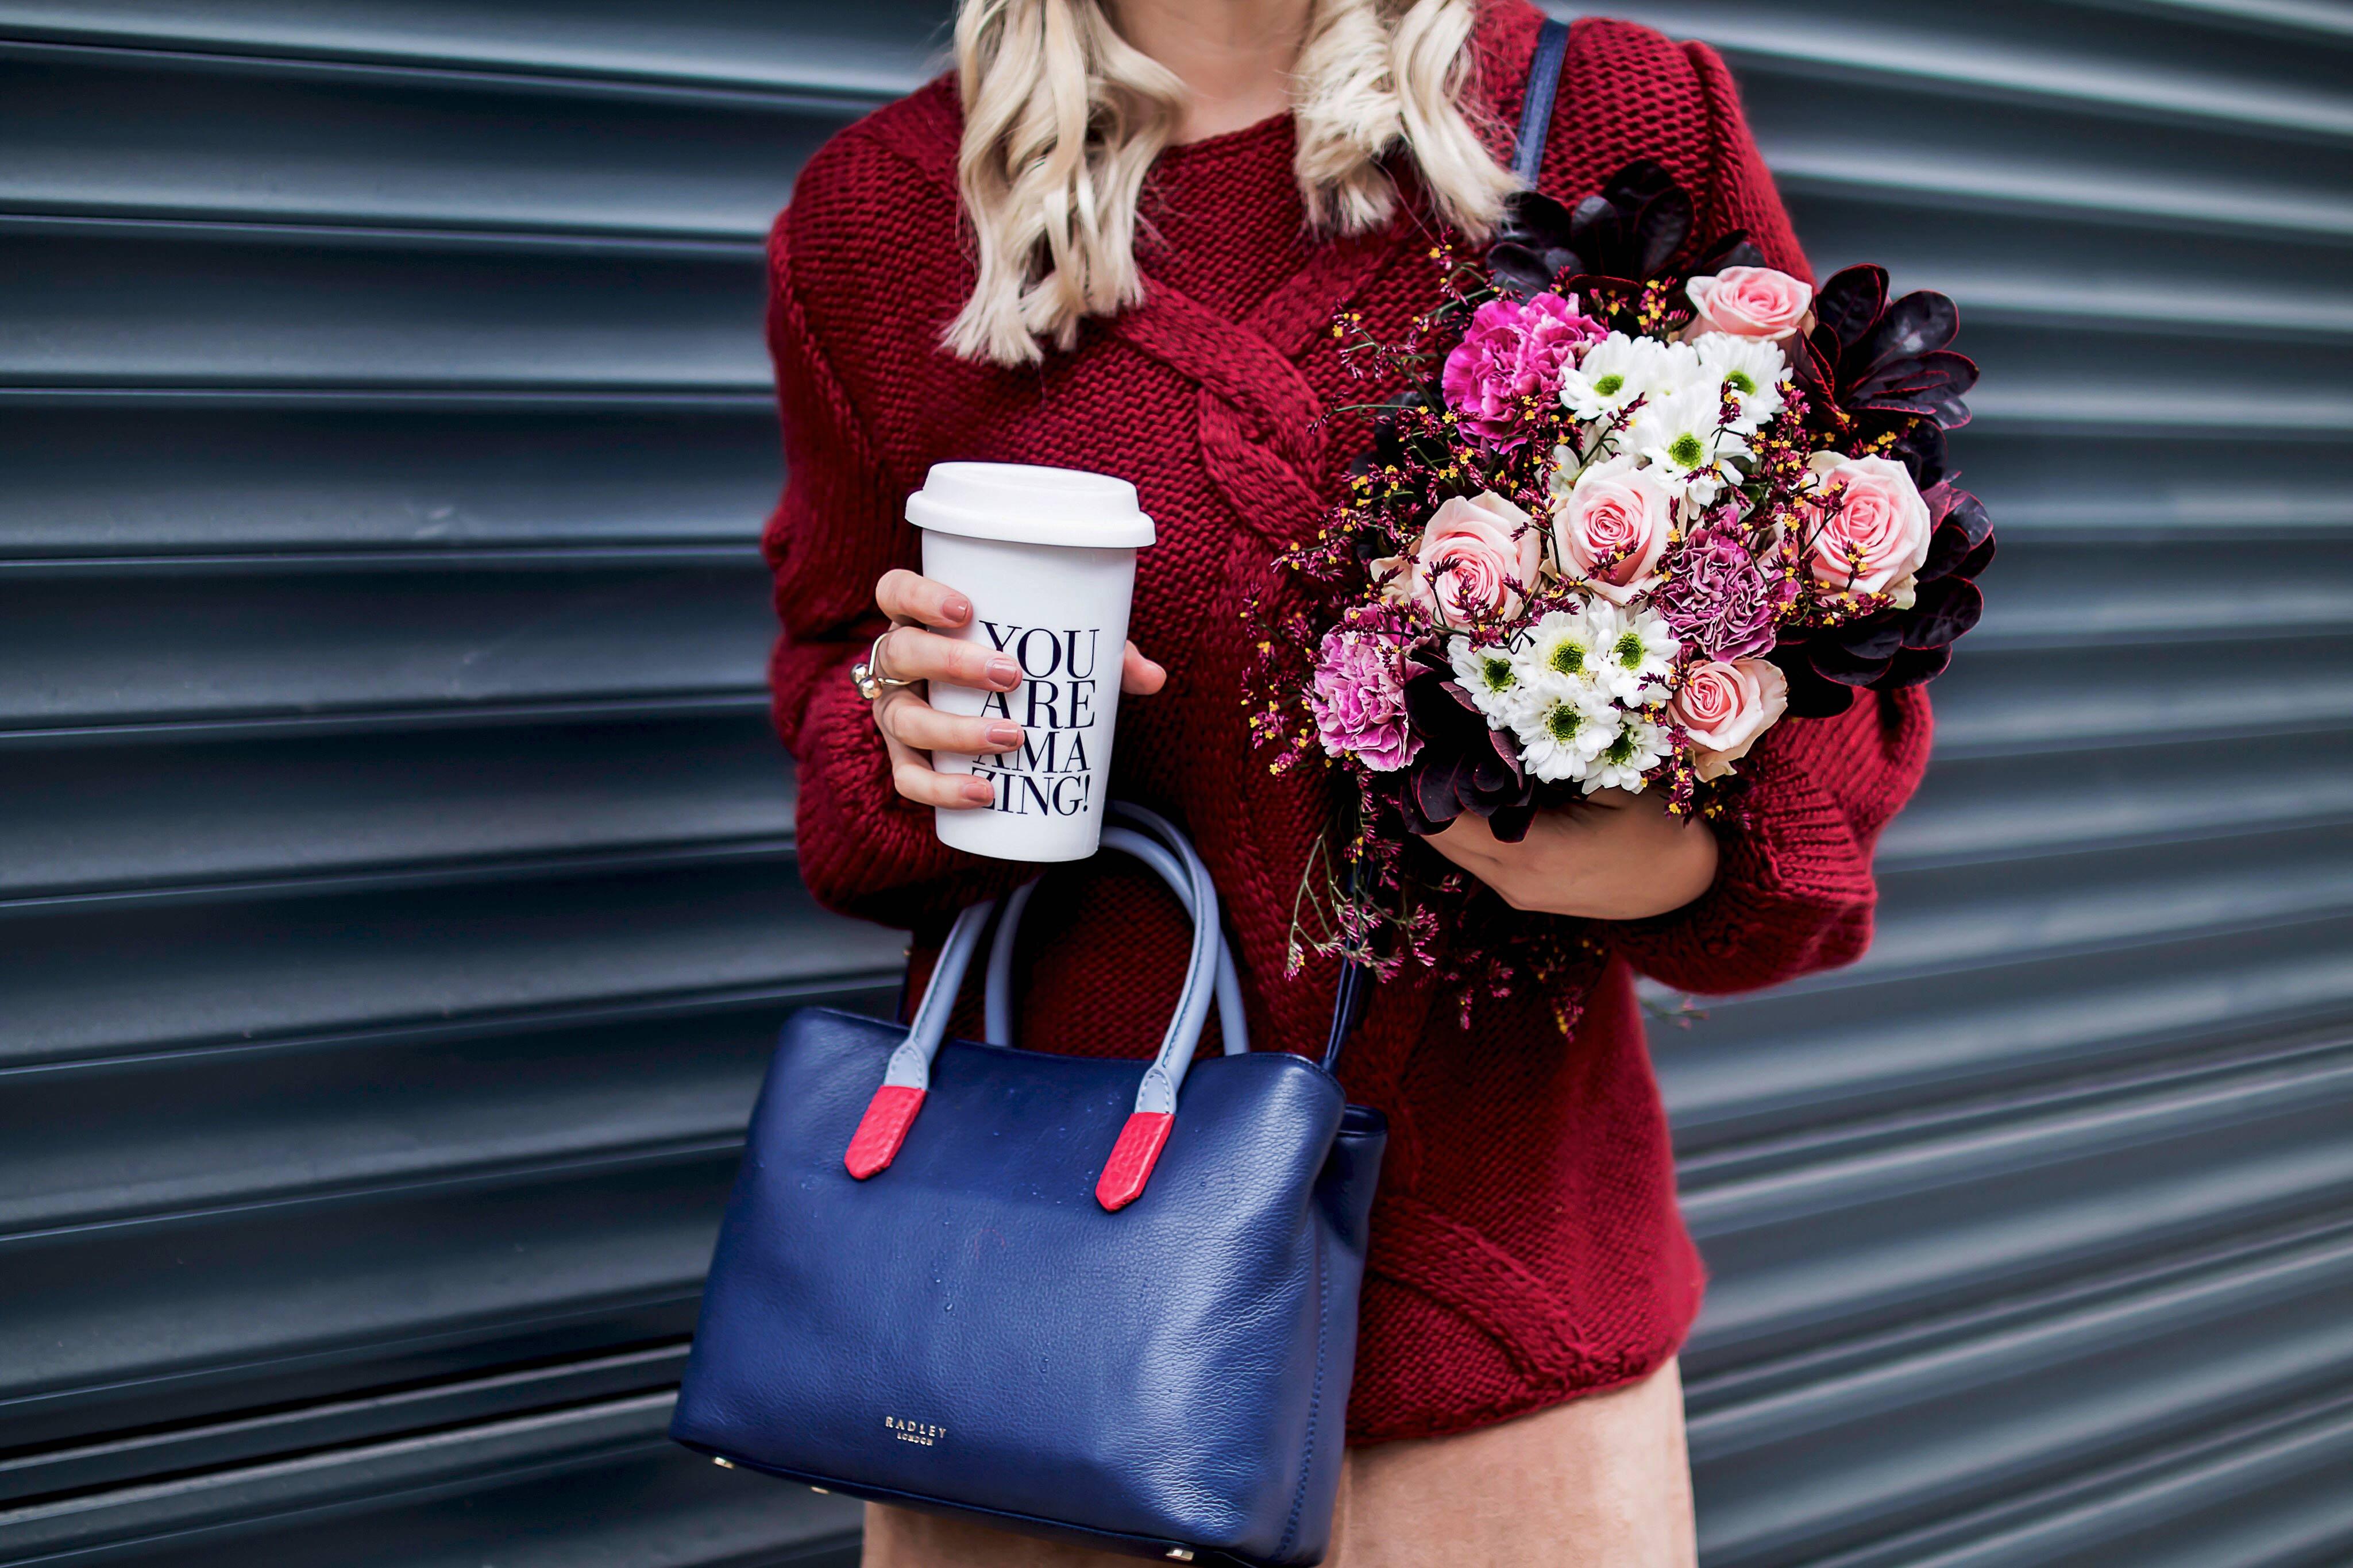 french_style_outfit_radley_wochenendstyle_baskenmuetze_franzoesisch_hut_6